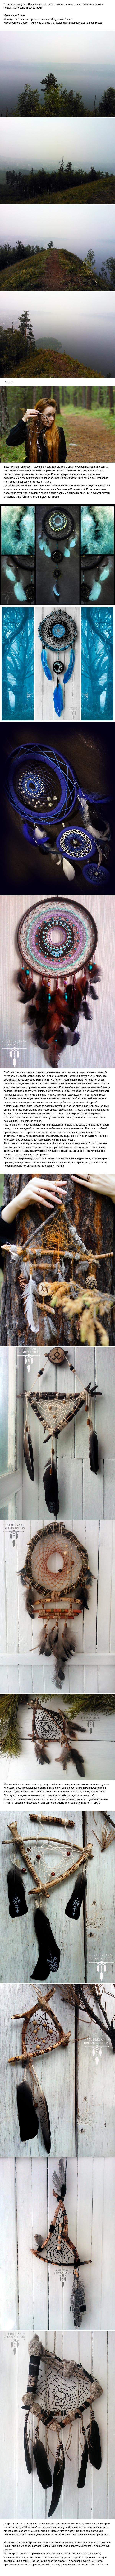 Мои лесные ловцы снов моё, Ловец снов, рукоделие без процесса, dreamcatcher, язычество, Пирография, выжигание по дереву, handmade, длиннопост